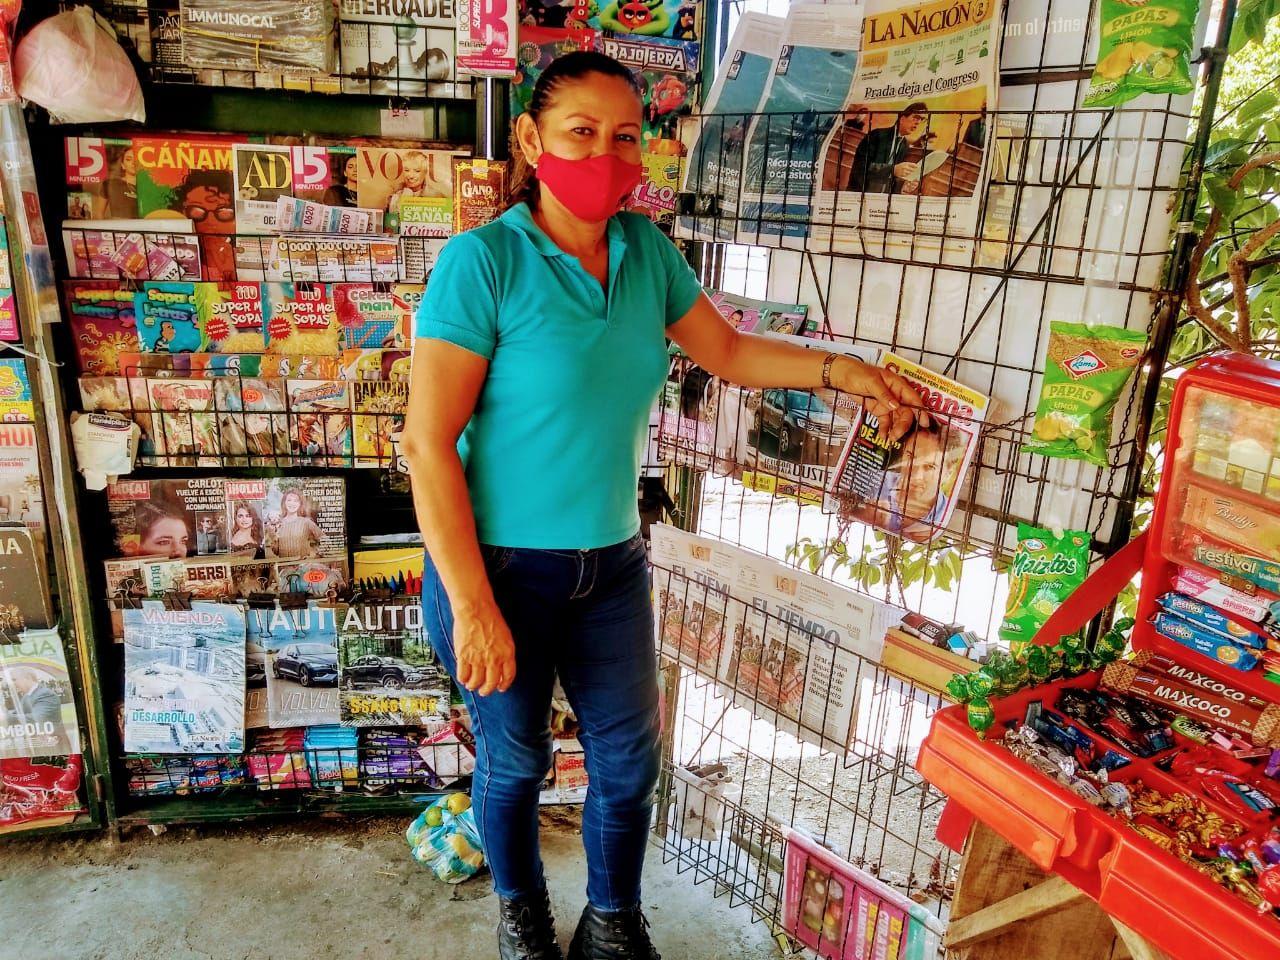 'La mona' de las revistas y periódicos